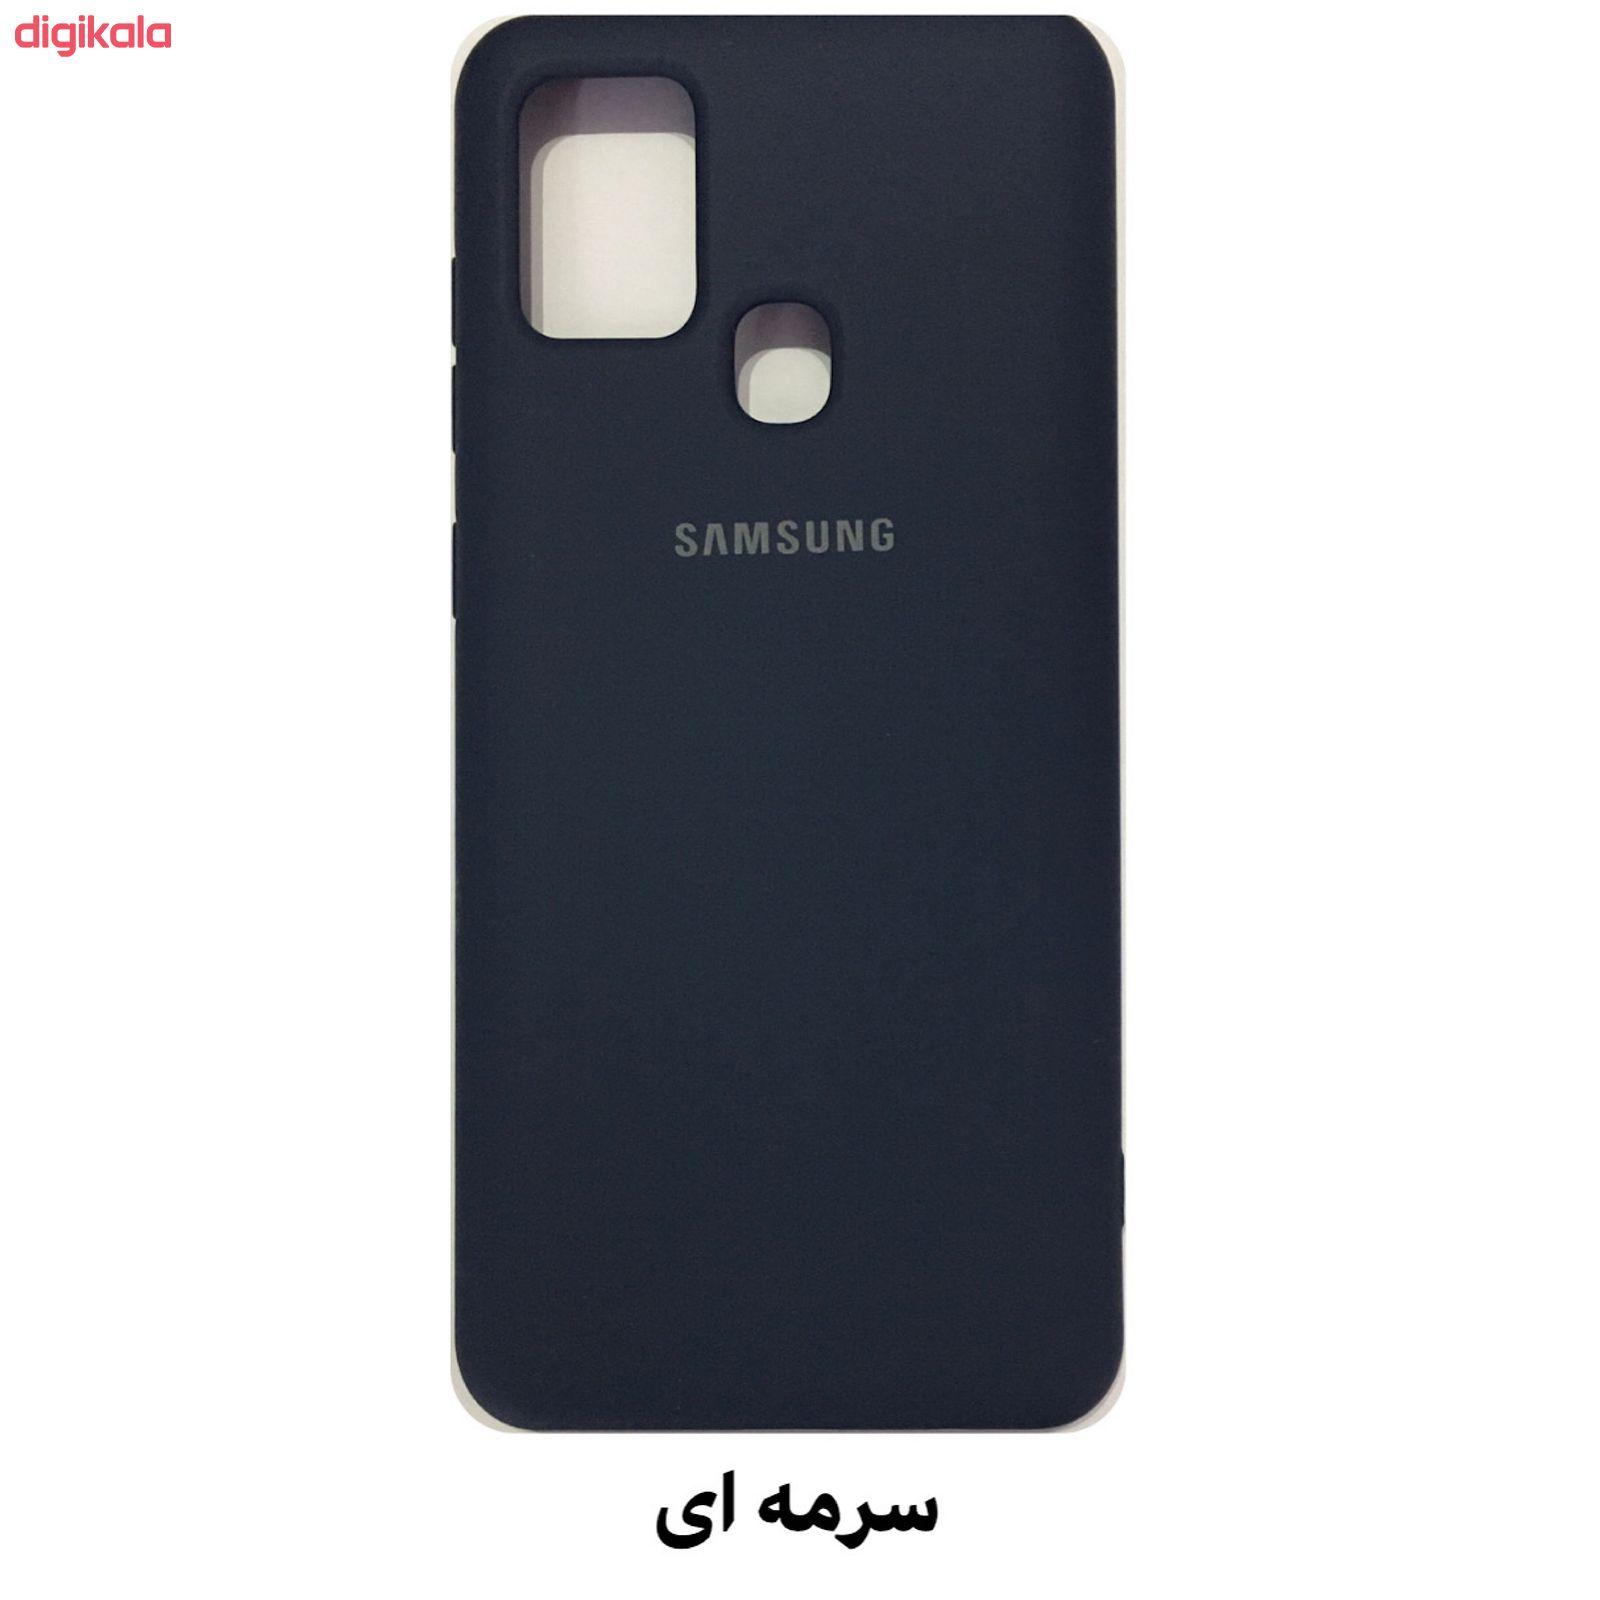 کاور مدل Sil-0021s مناسب برای گوشی موبایل سامسونگ Galaxy A21s main 1 6